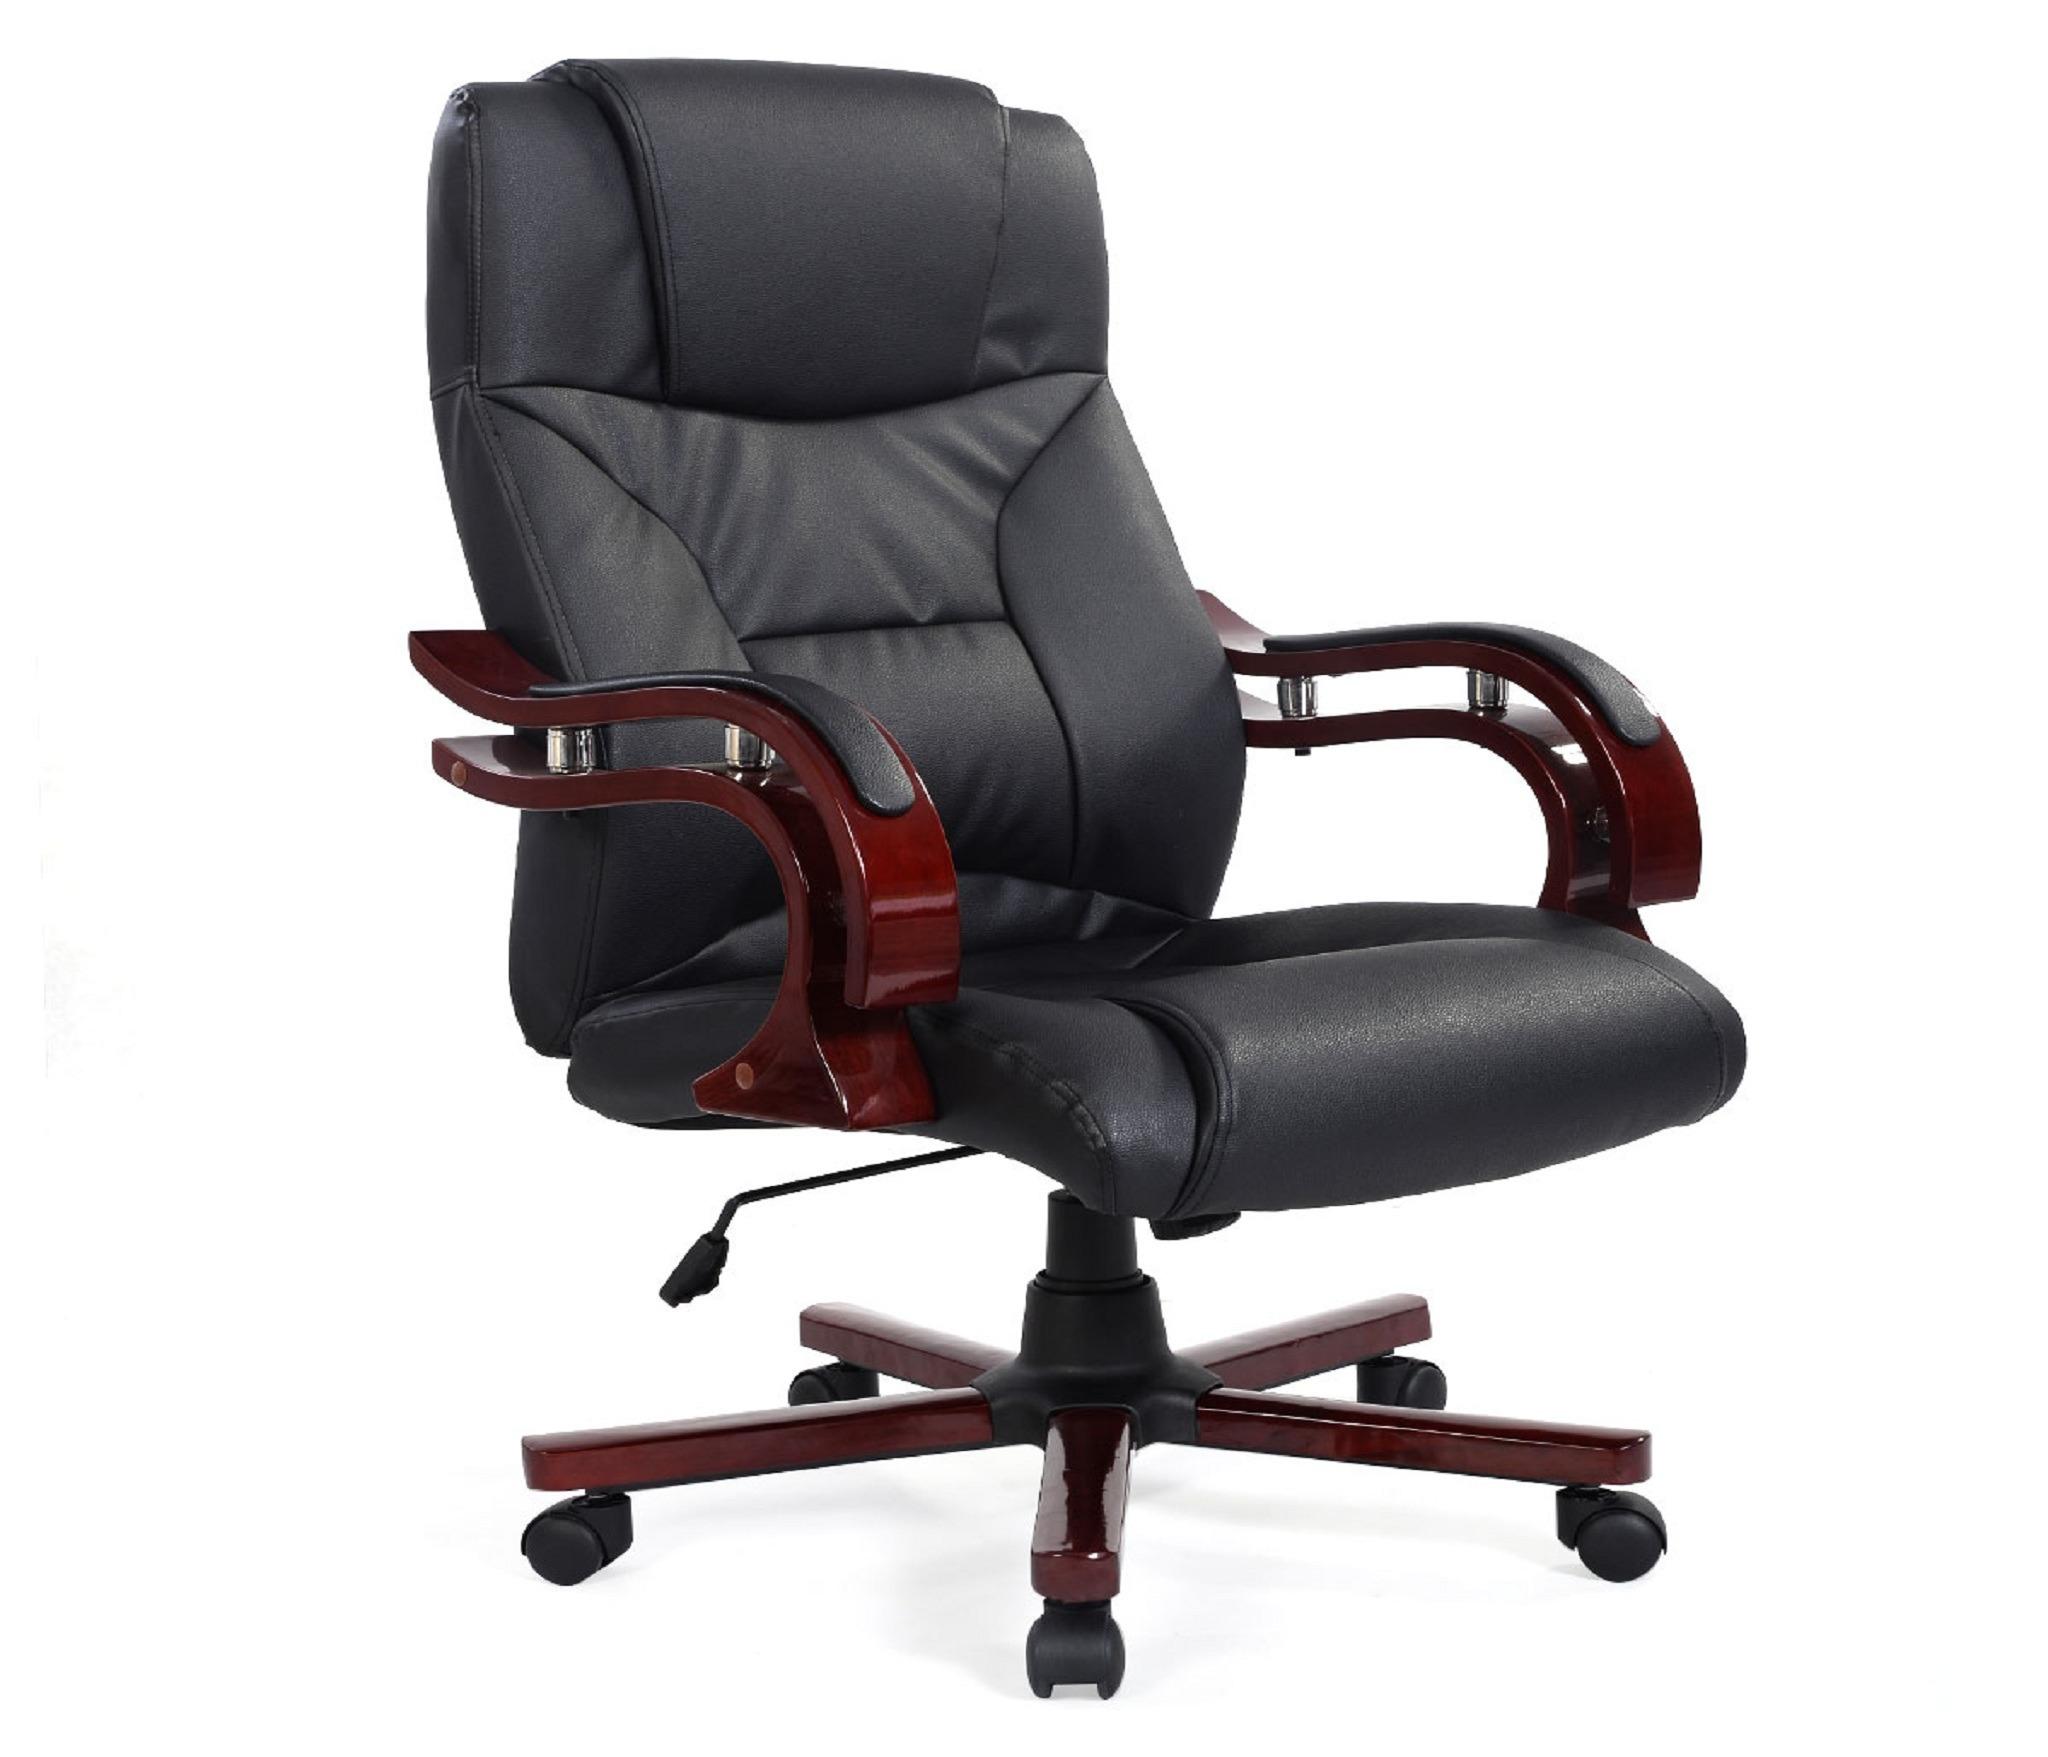 Кресло руководителя ВИП HW10069Кабинет<br><br><br>Длина мм: 580<br>Высота мм: 0<br>Глубина мм: 680